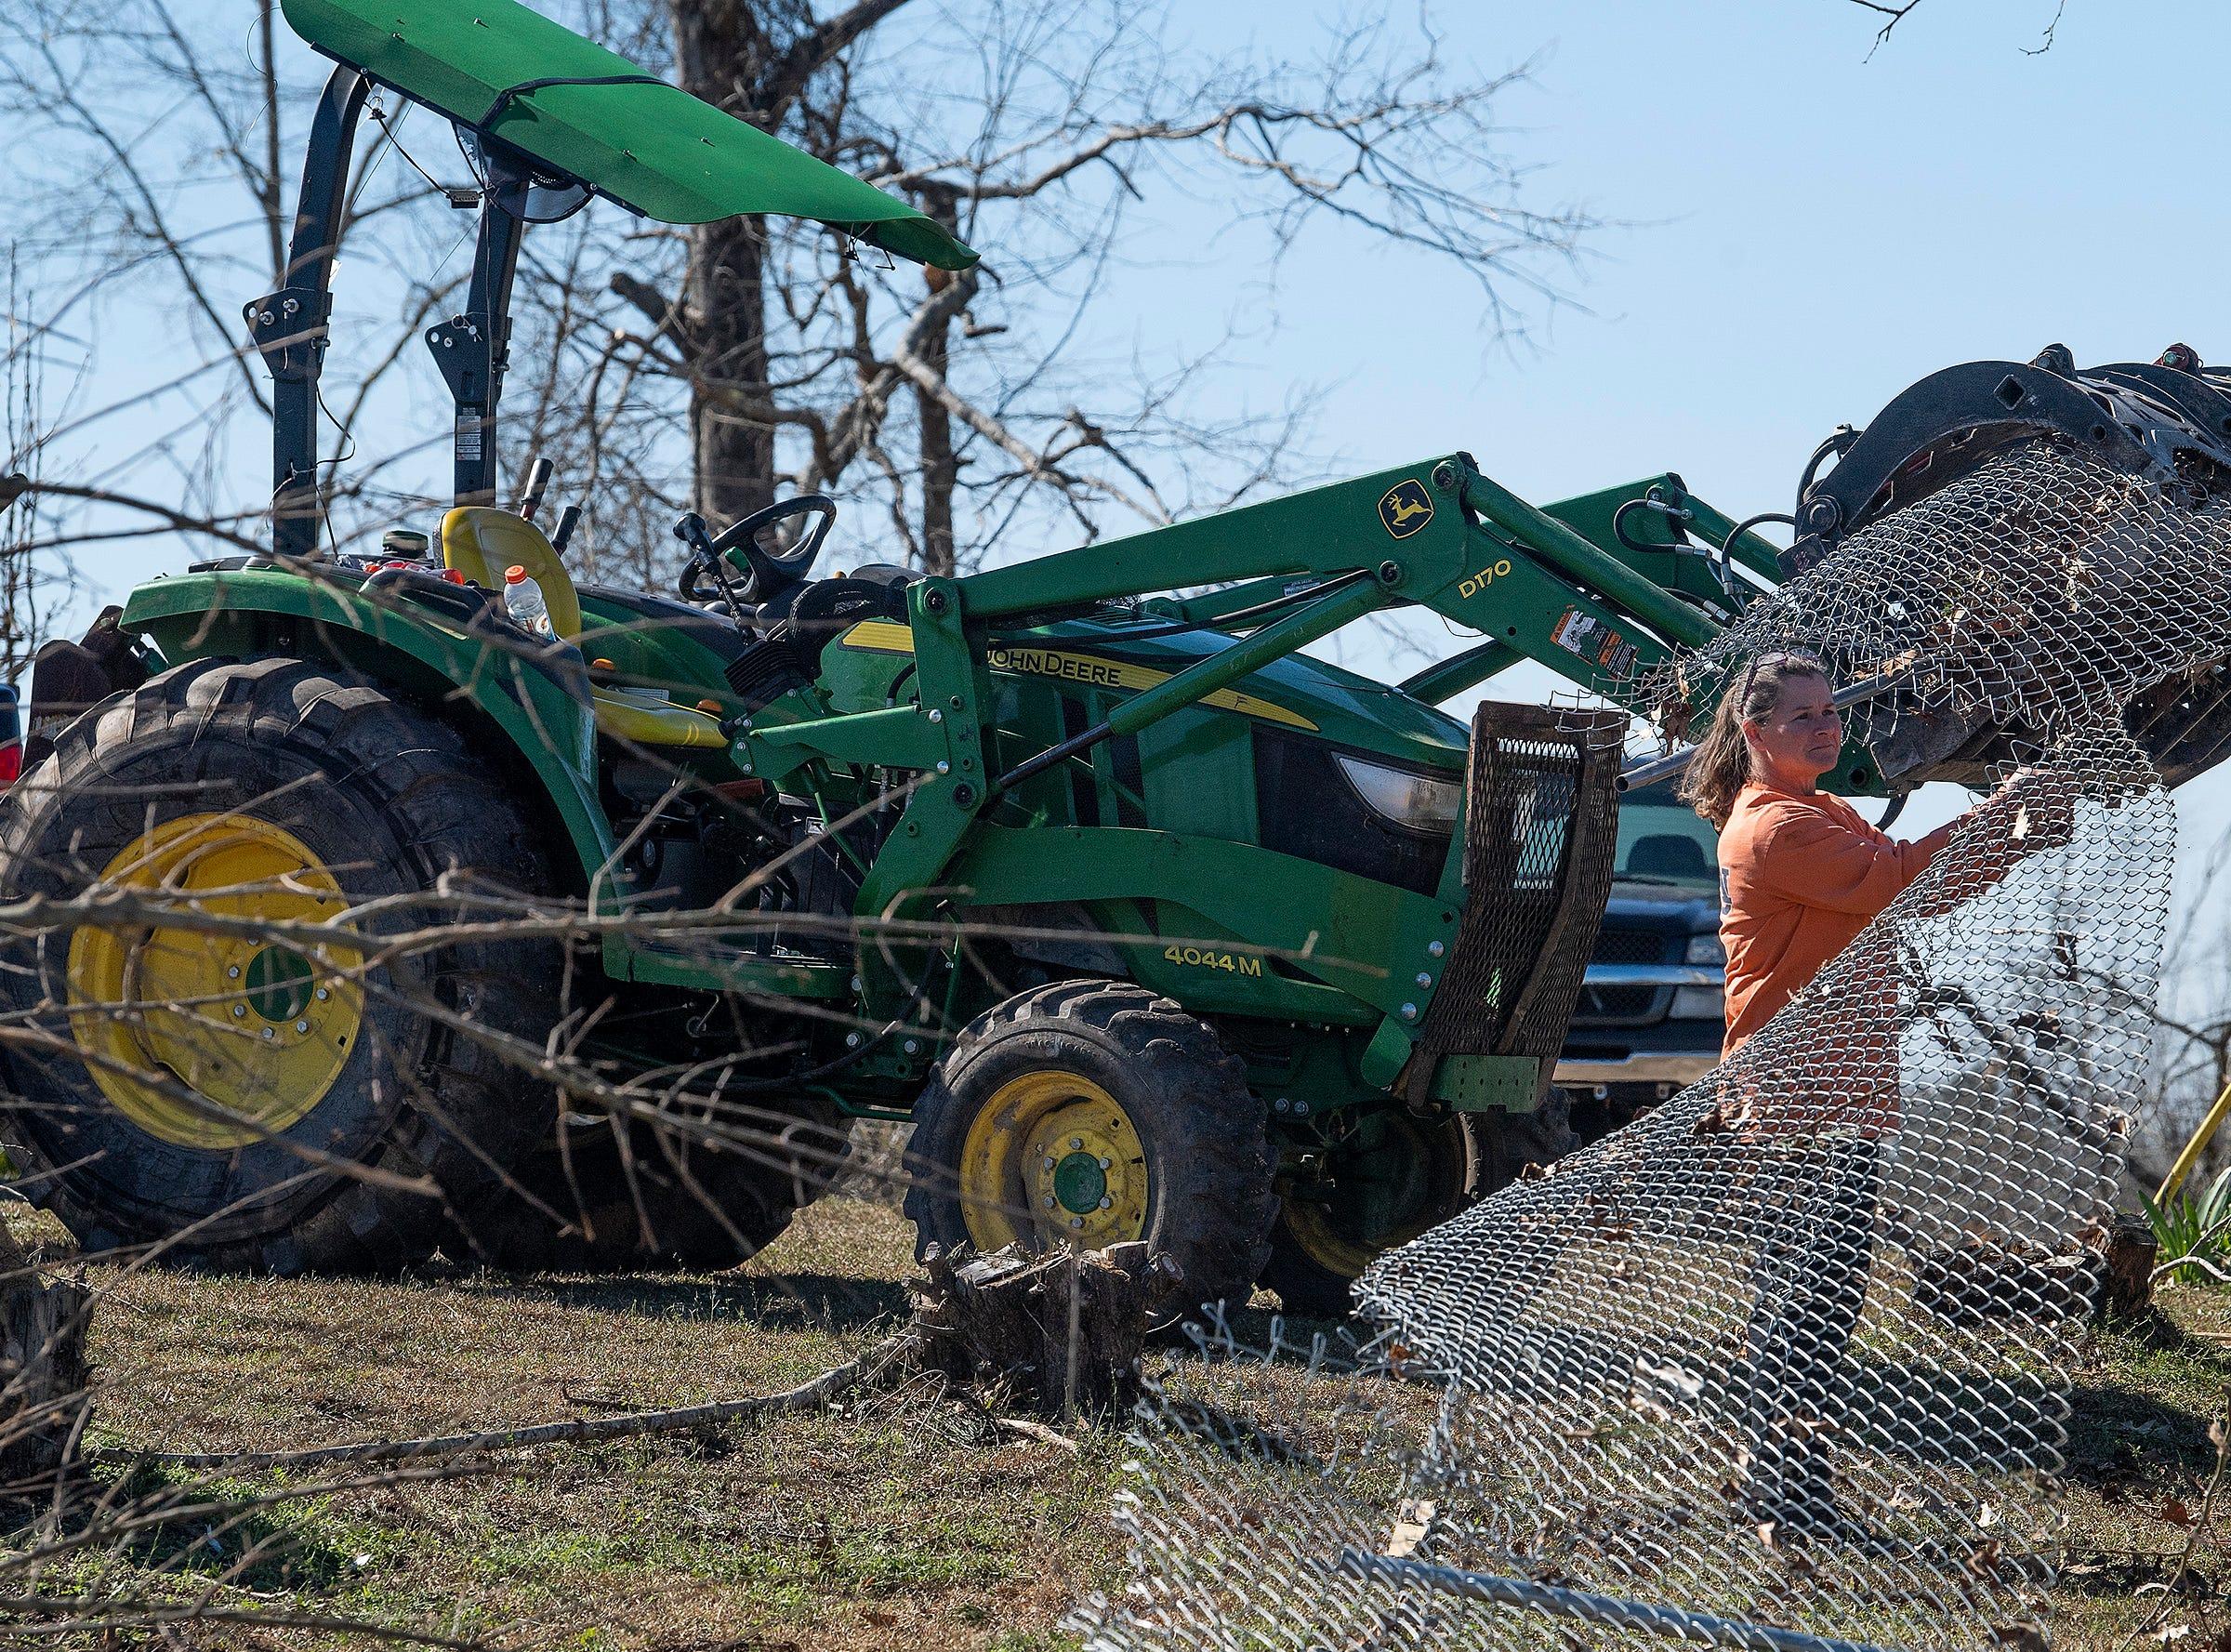 Residents clear debris in Beauregard, Ala., on March 6, 2019.